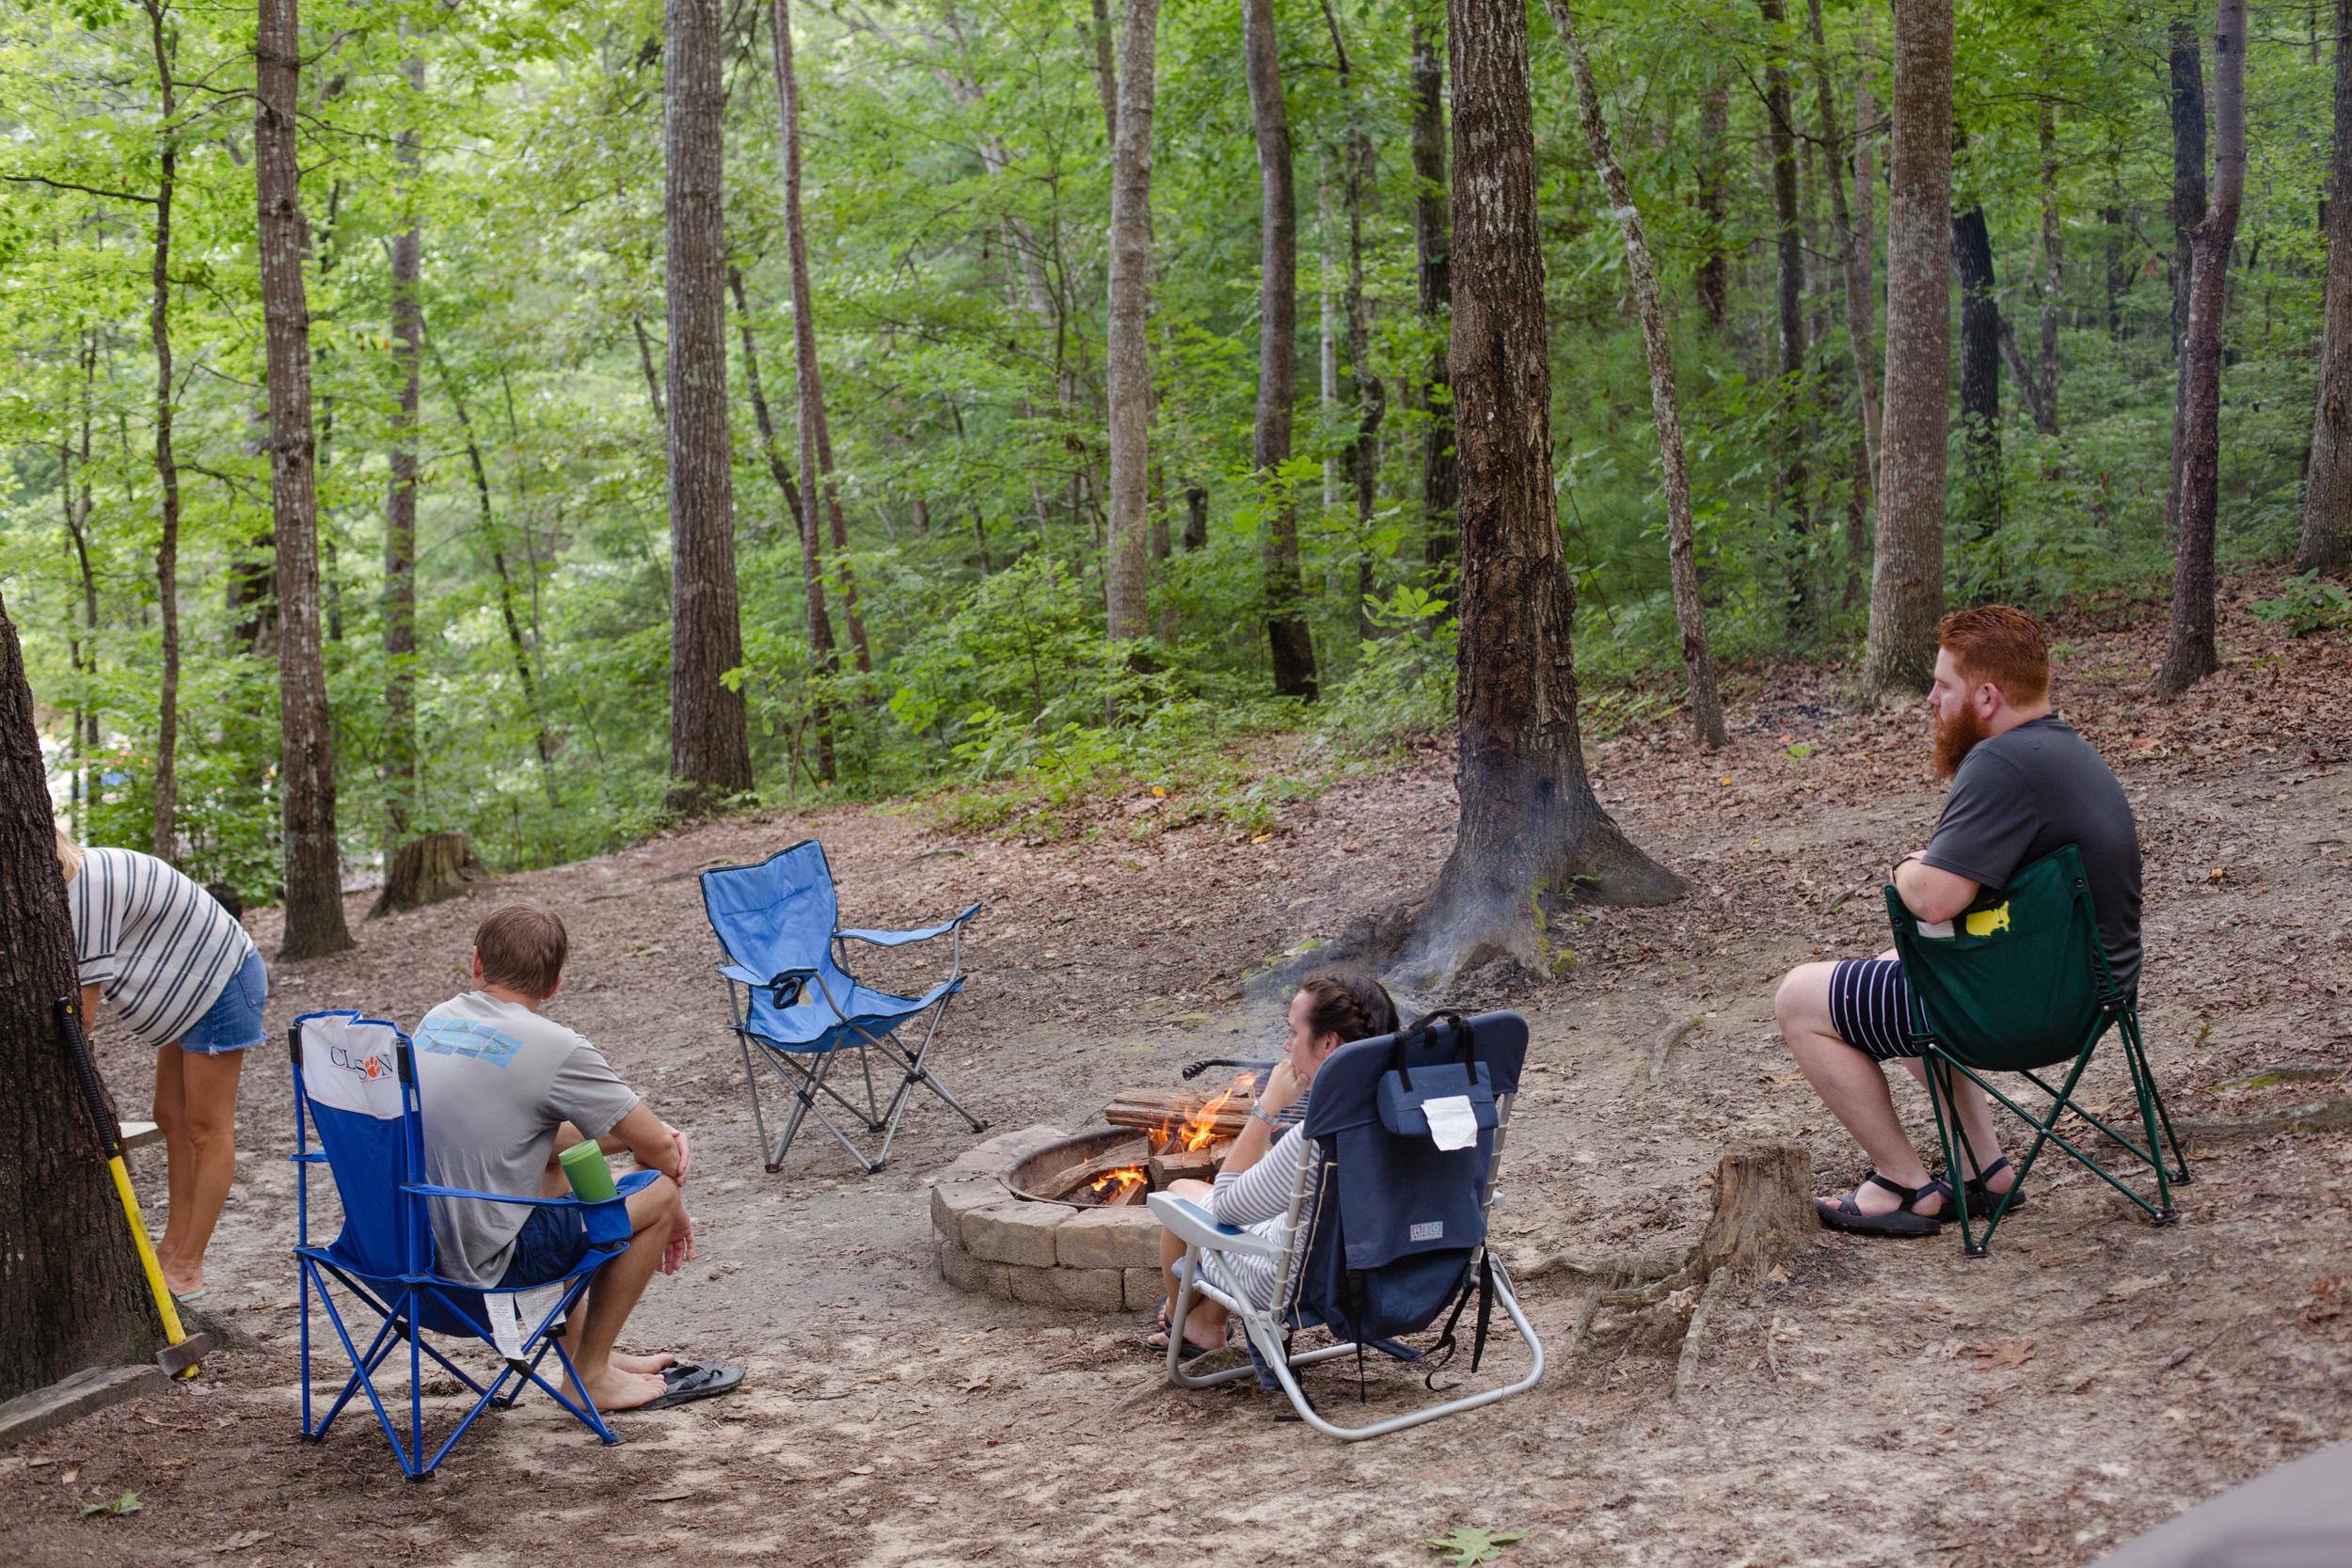 Devils_Fork_State_Park_July_2015_Lake_Jocassee_003.jpg